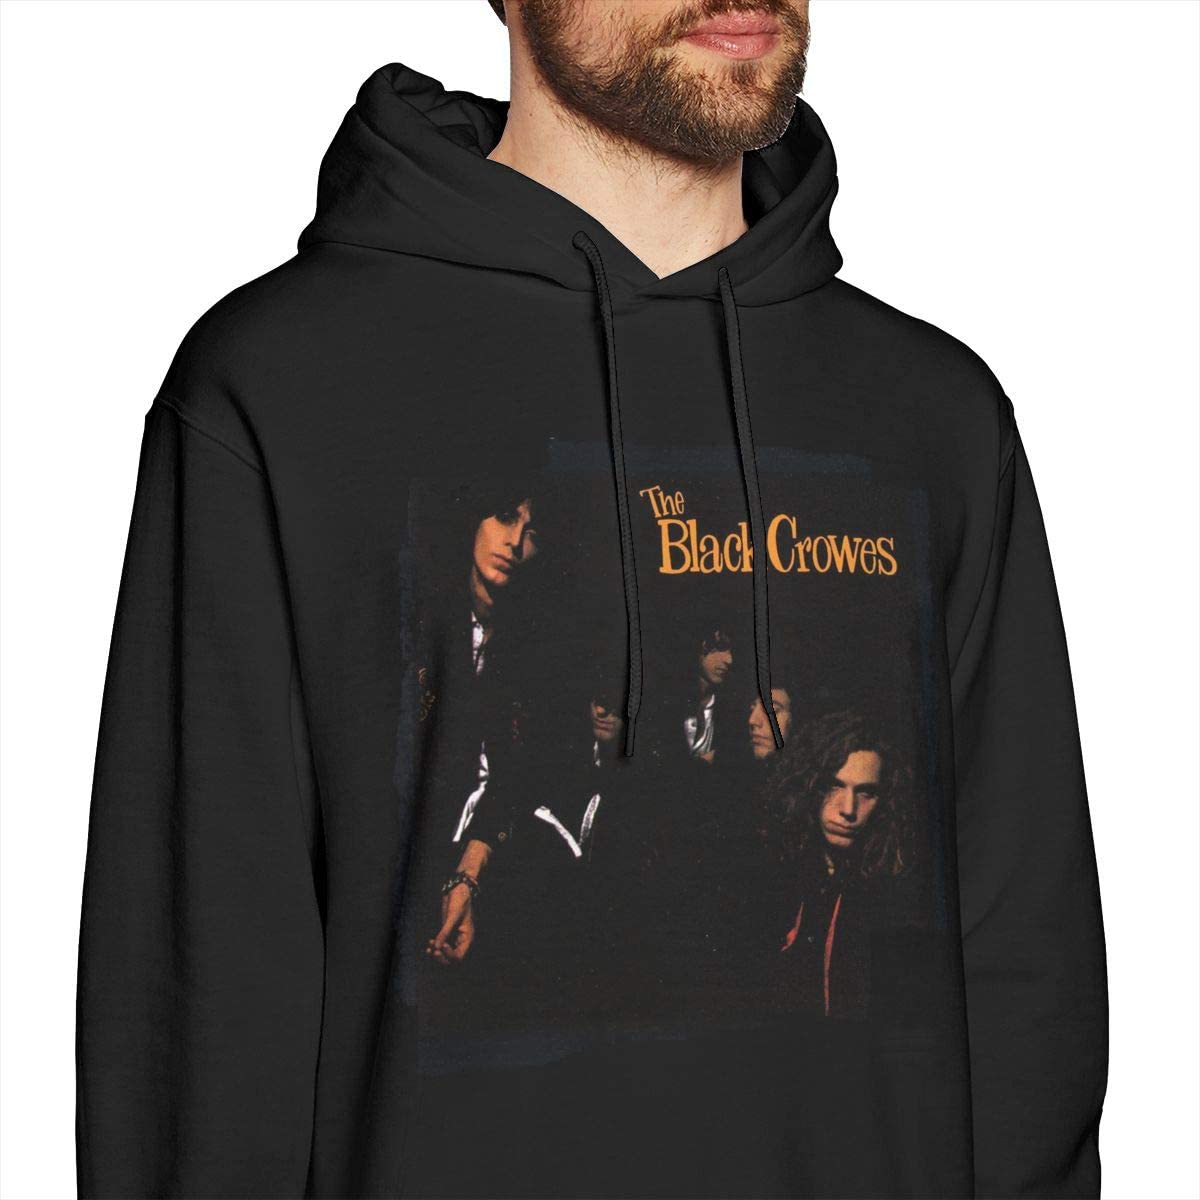 LANDONL Mens Black Crowes Shake Your Money Maker Hoodies Hooded Sweatshirt Black